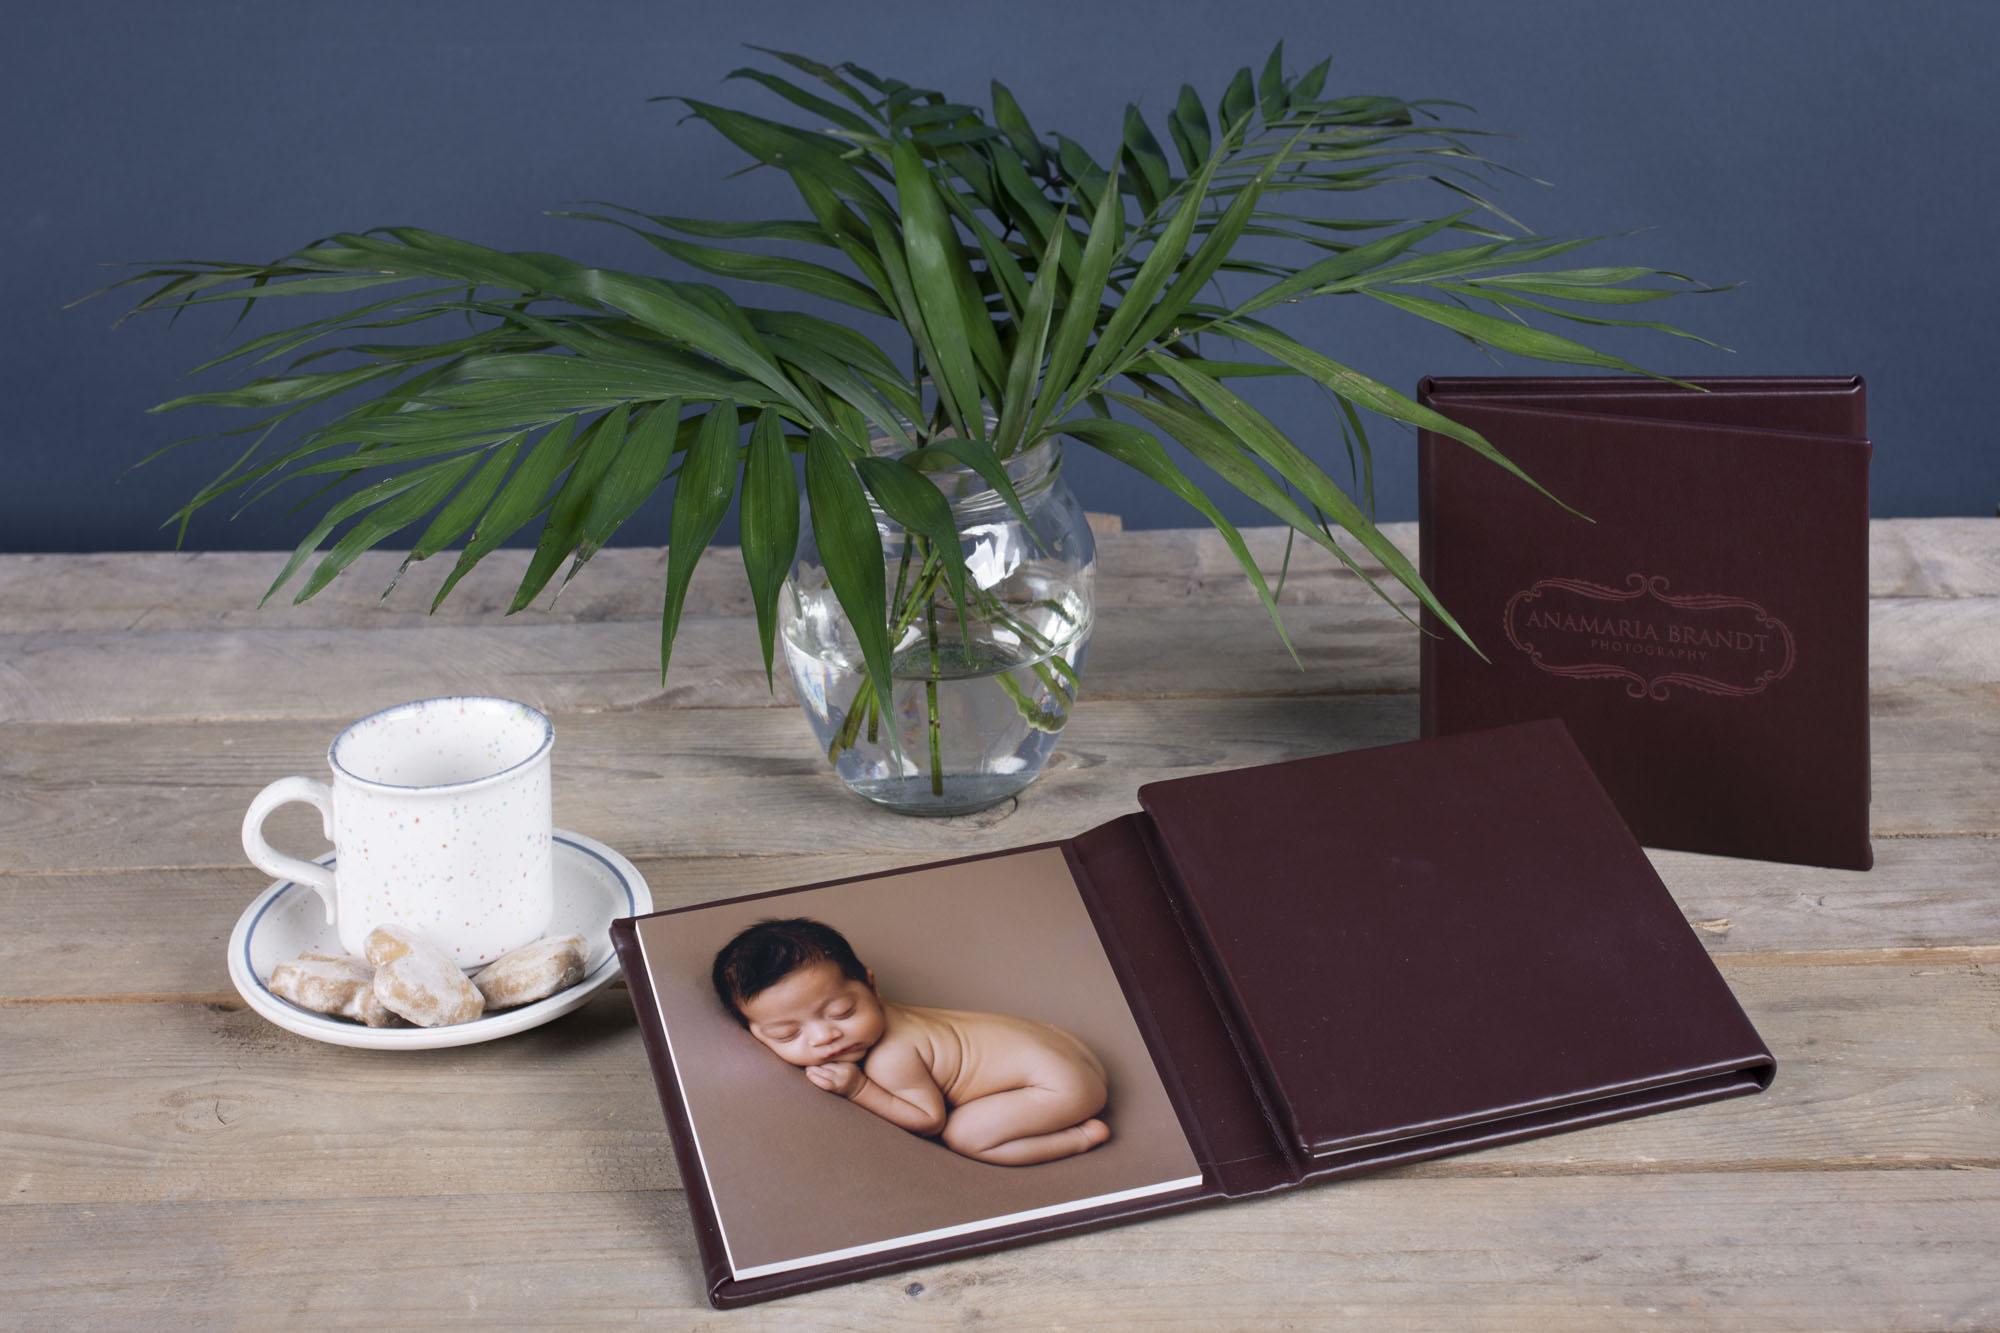 Professional Photo Product Upselling Setup